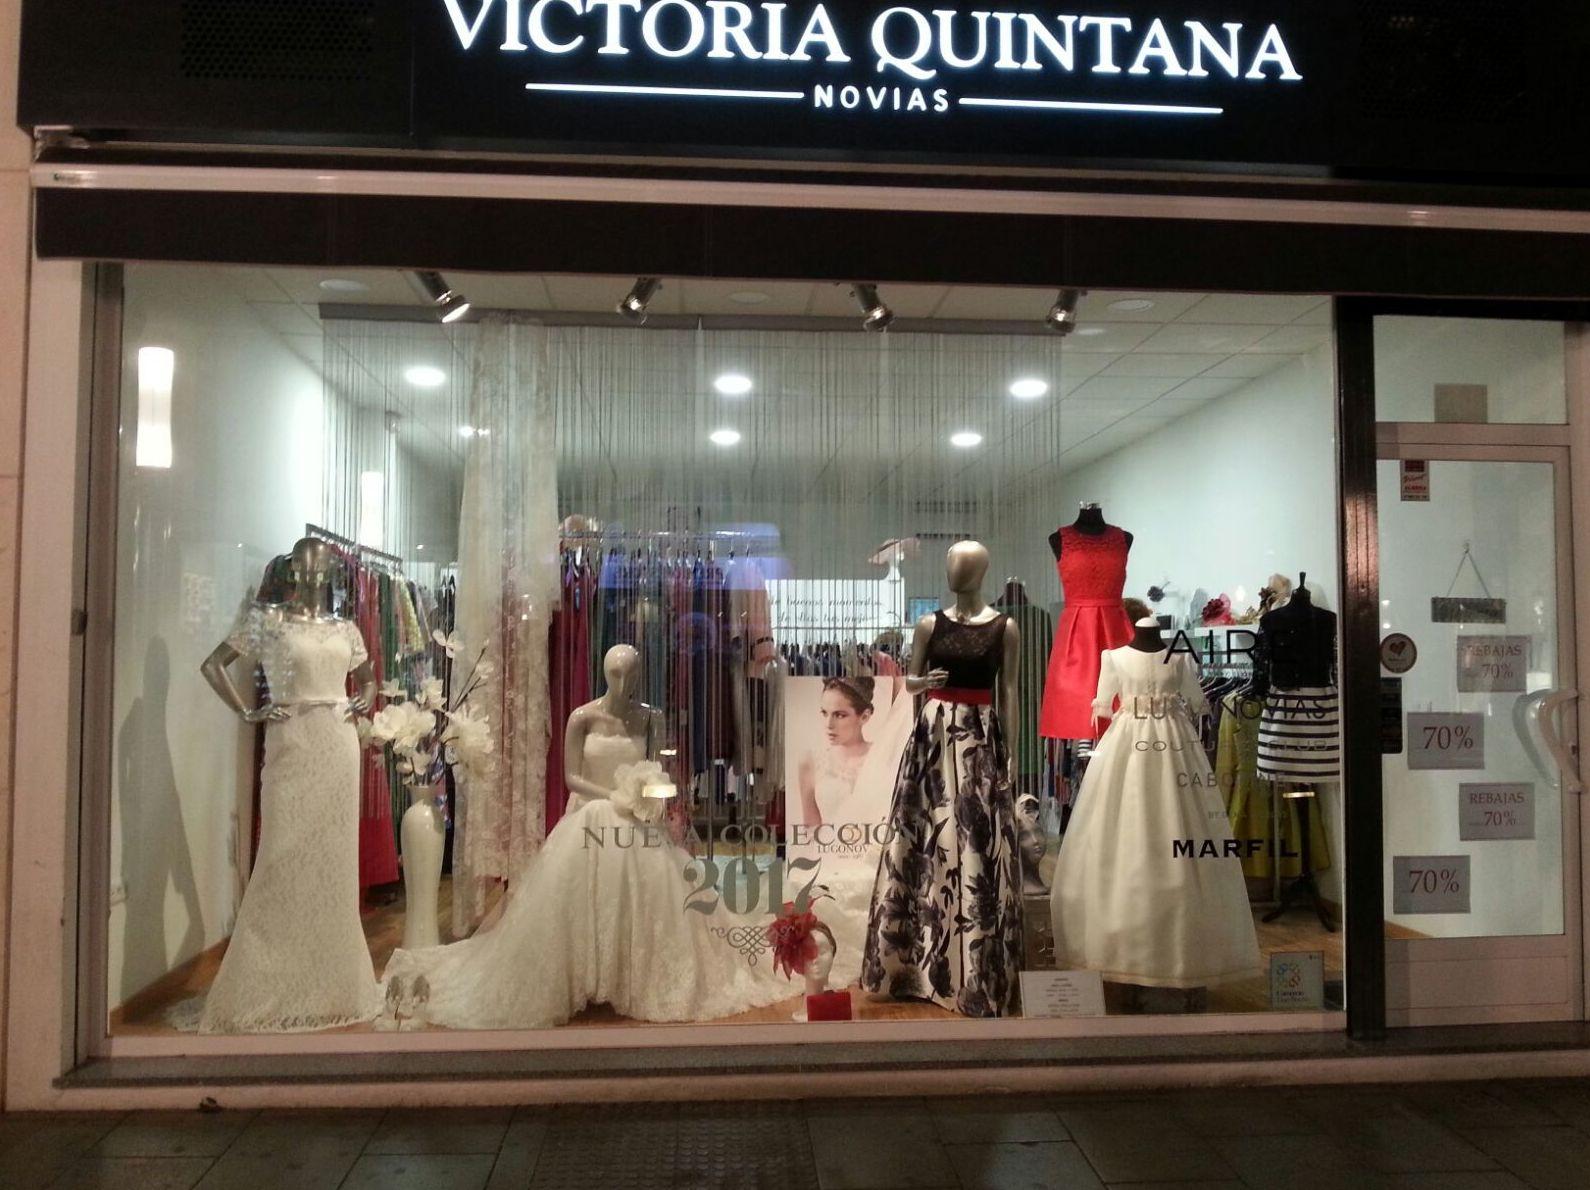 Foto 3 de Bodas en Don Benito | Victoria Quintana Novias